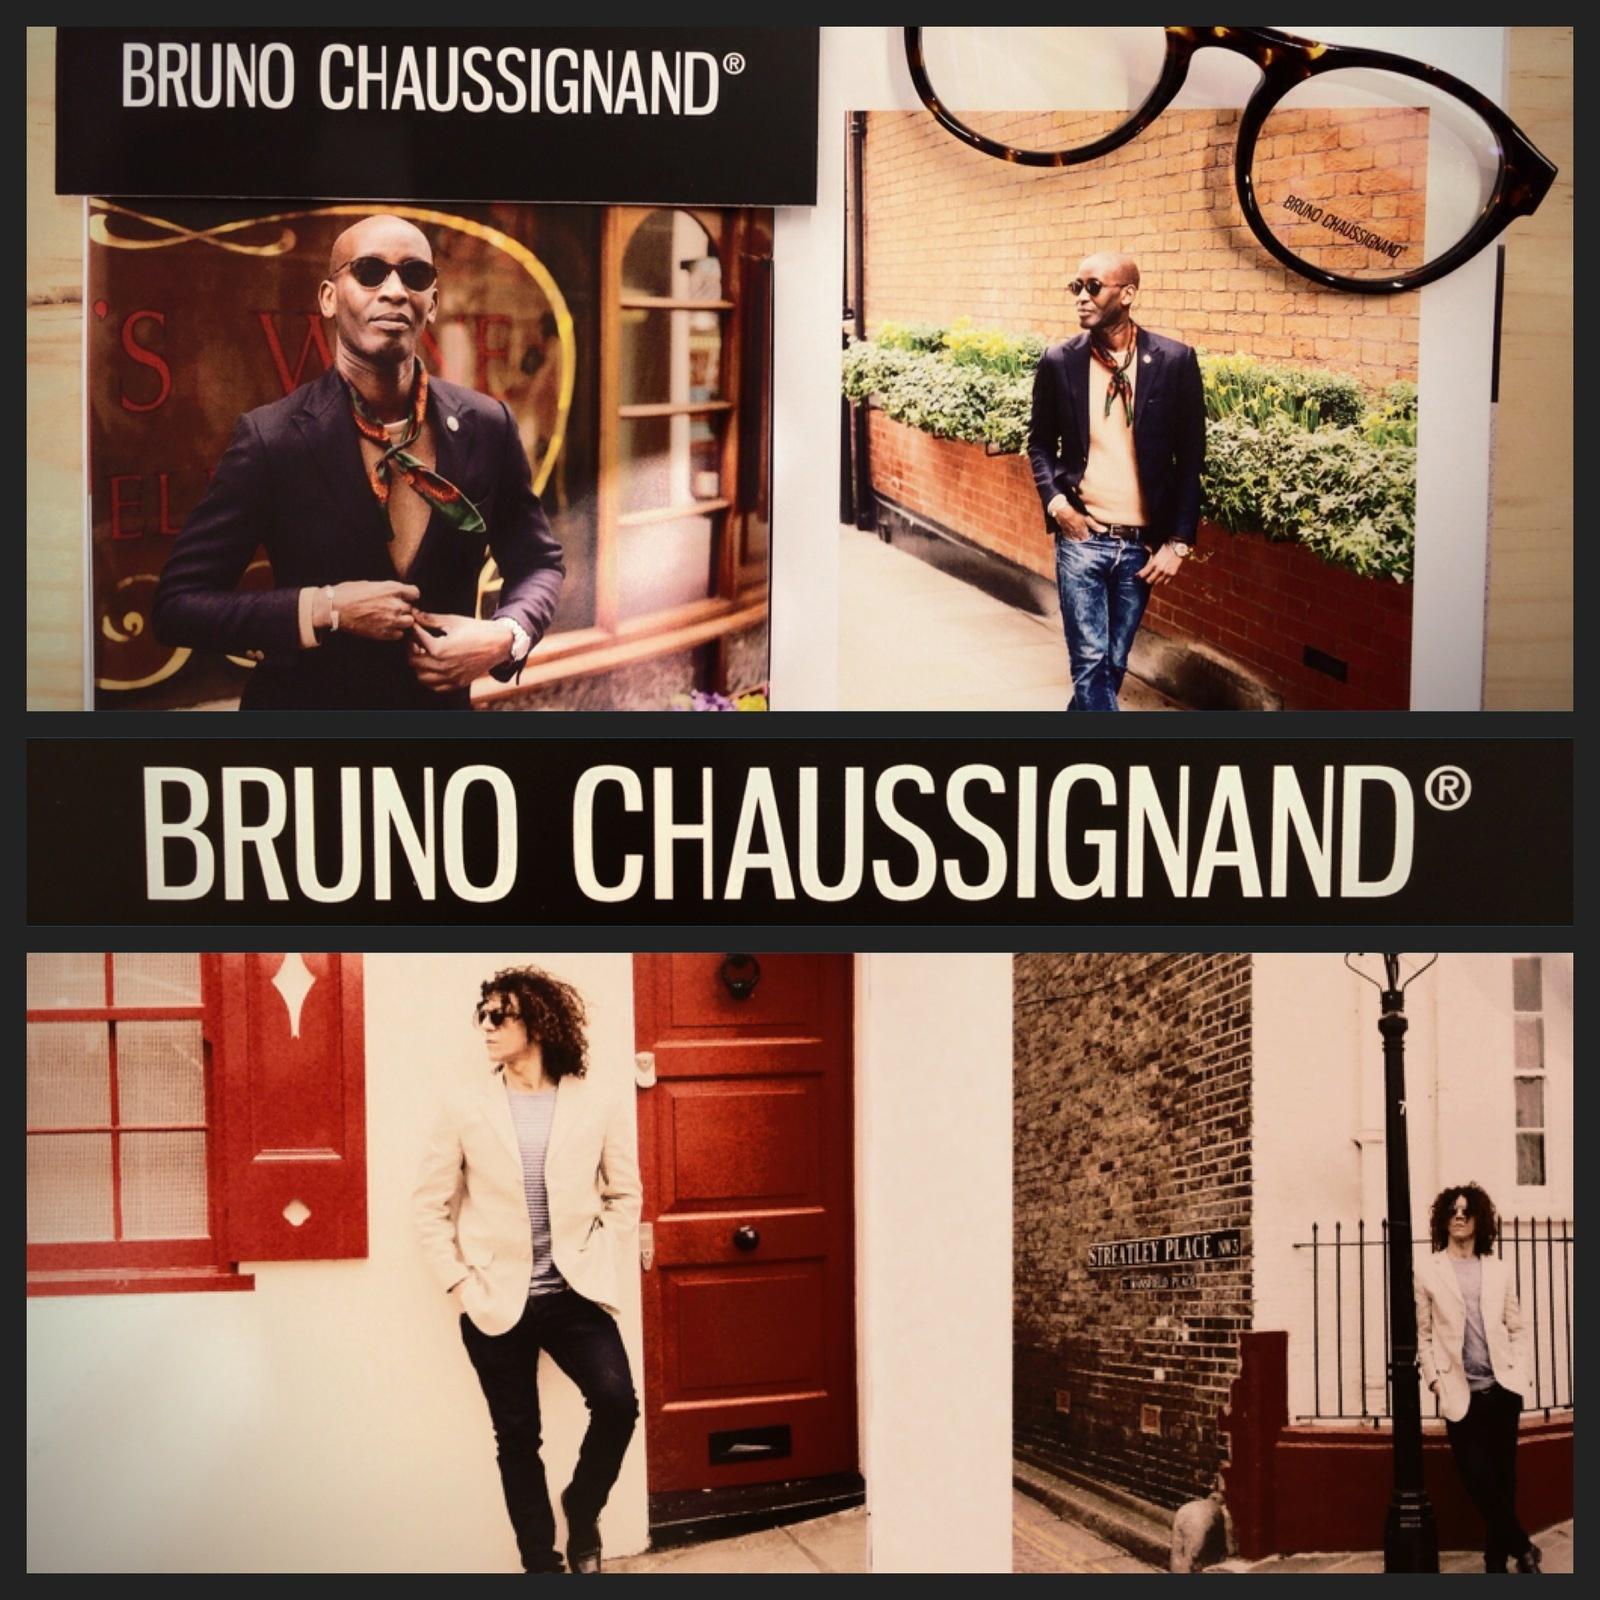 Lunettes Bruno Chaussignand à STRASBOURG - Opticien Optique Jacques MARMET